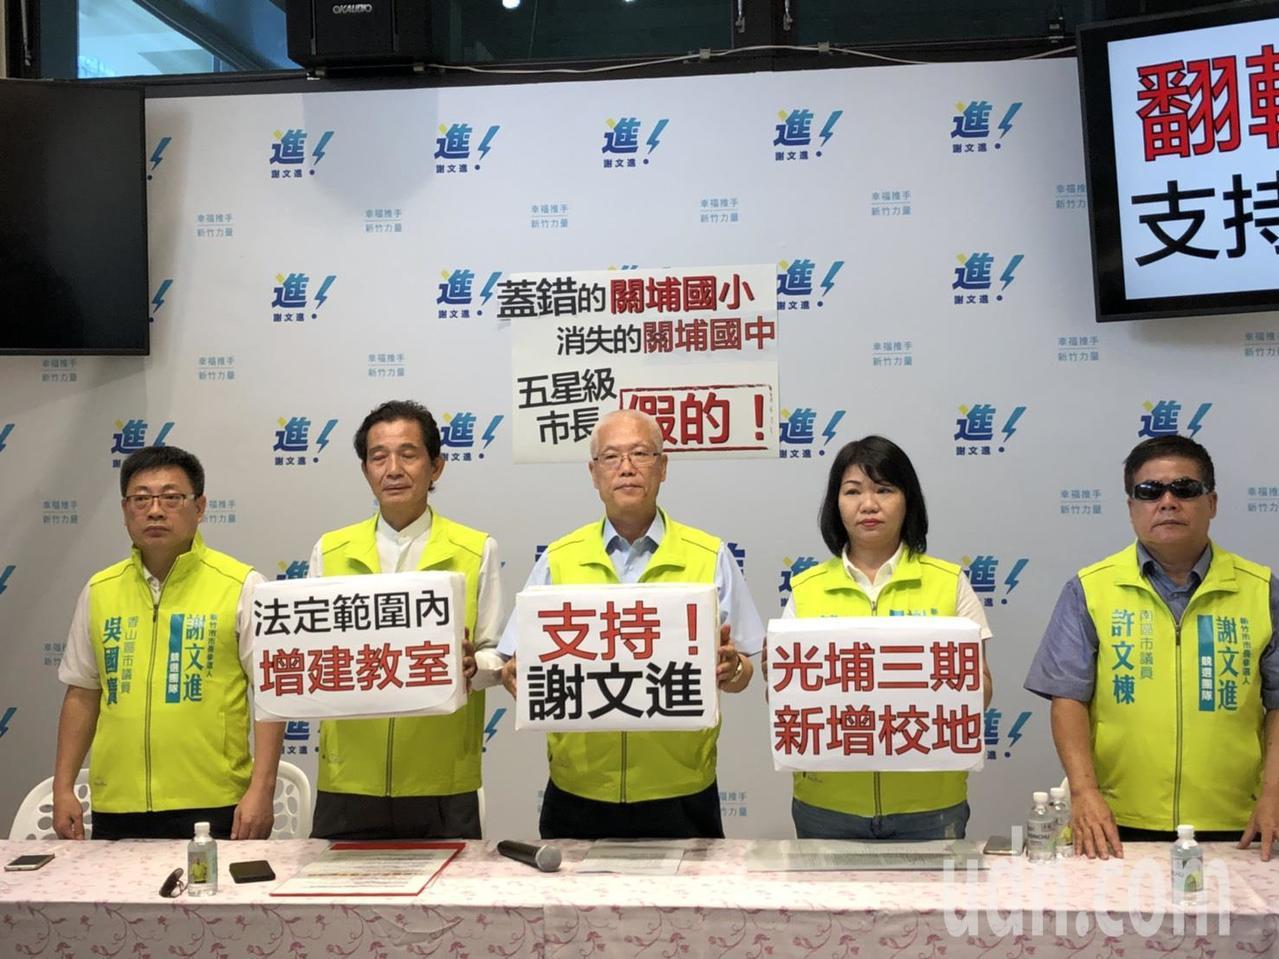 謝文進(左三)批評,關埔國小的容積率與建蔽率太低,原因出在於現任市長林智堅因過於...